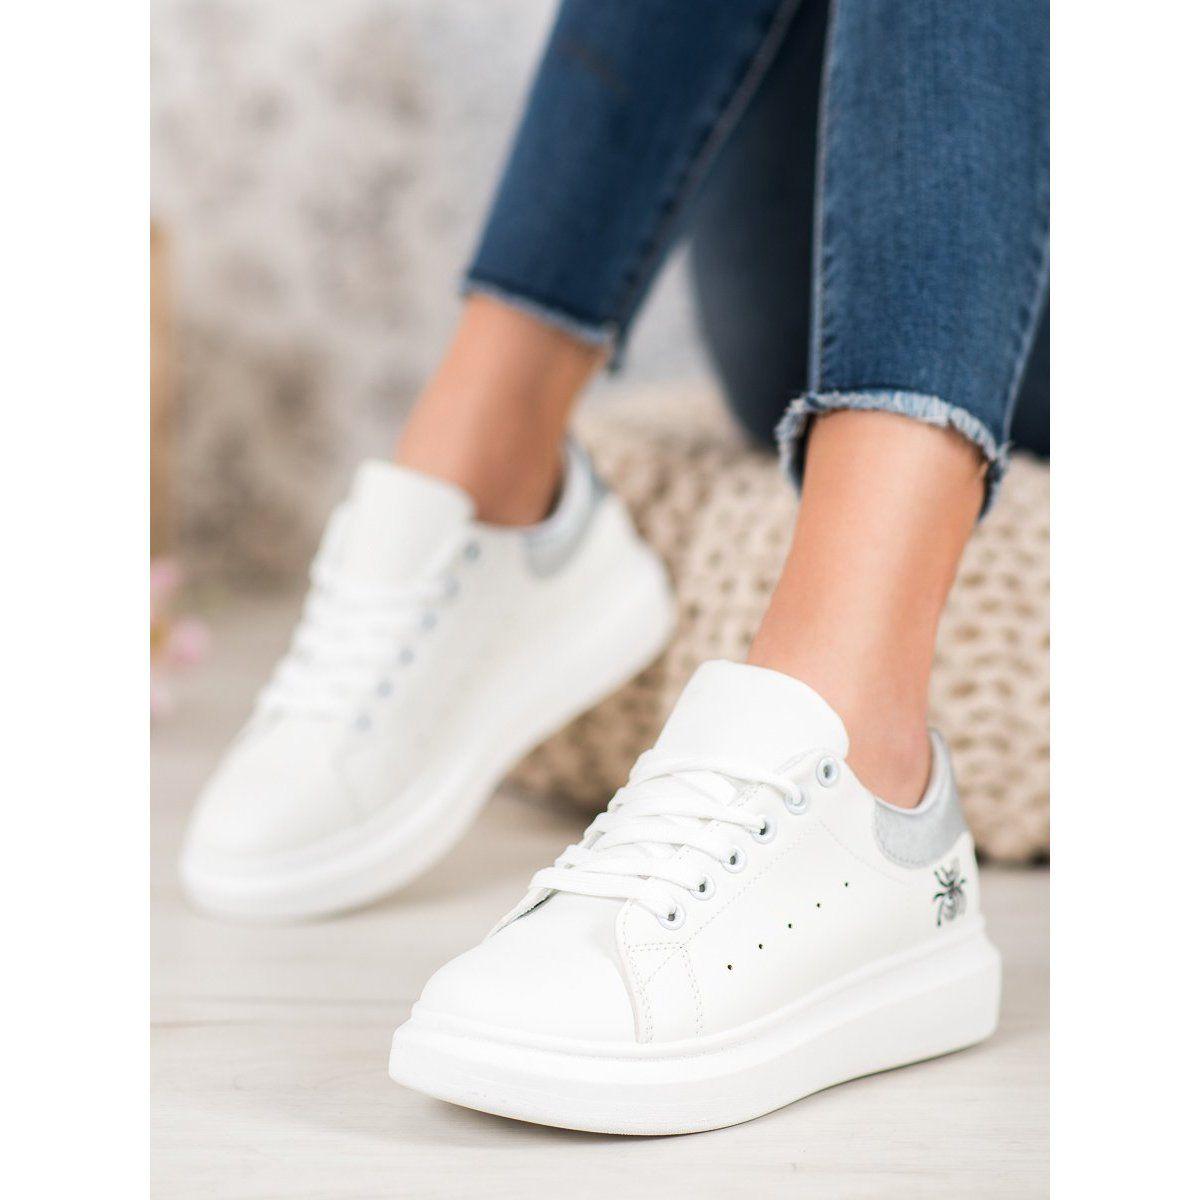 Kylie Modne Buty Sportowe Biale Shoes Sneakers Converse Sneaker